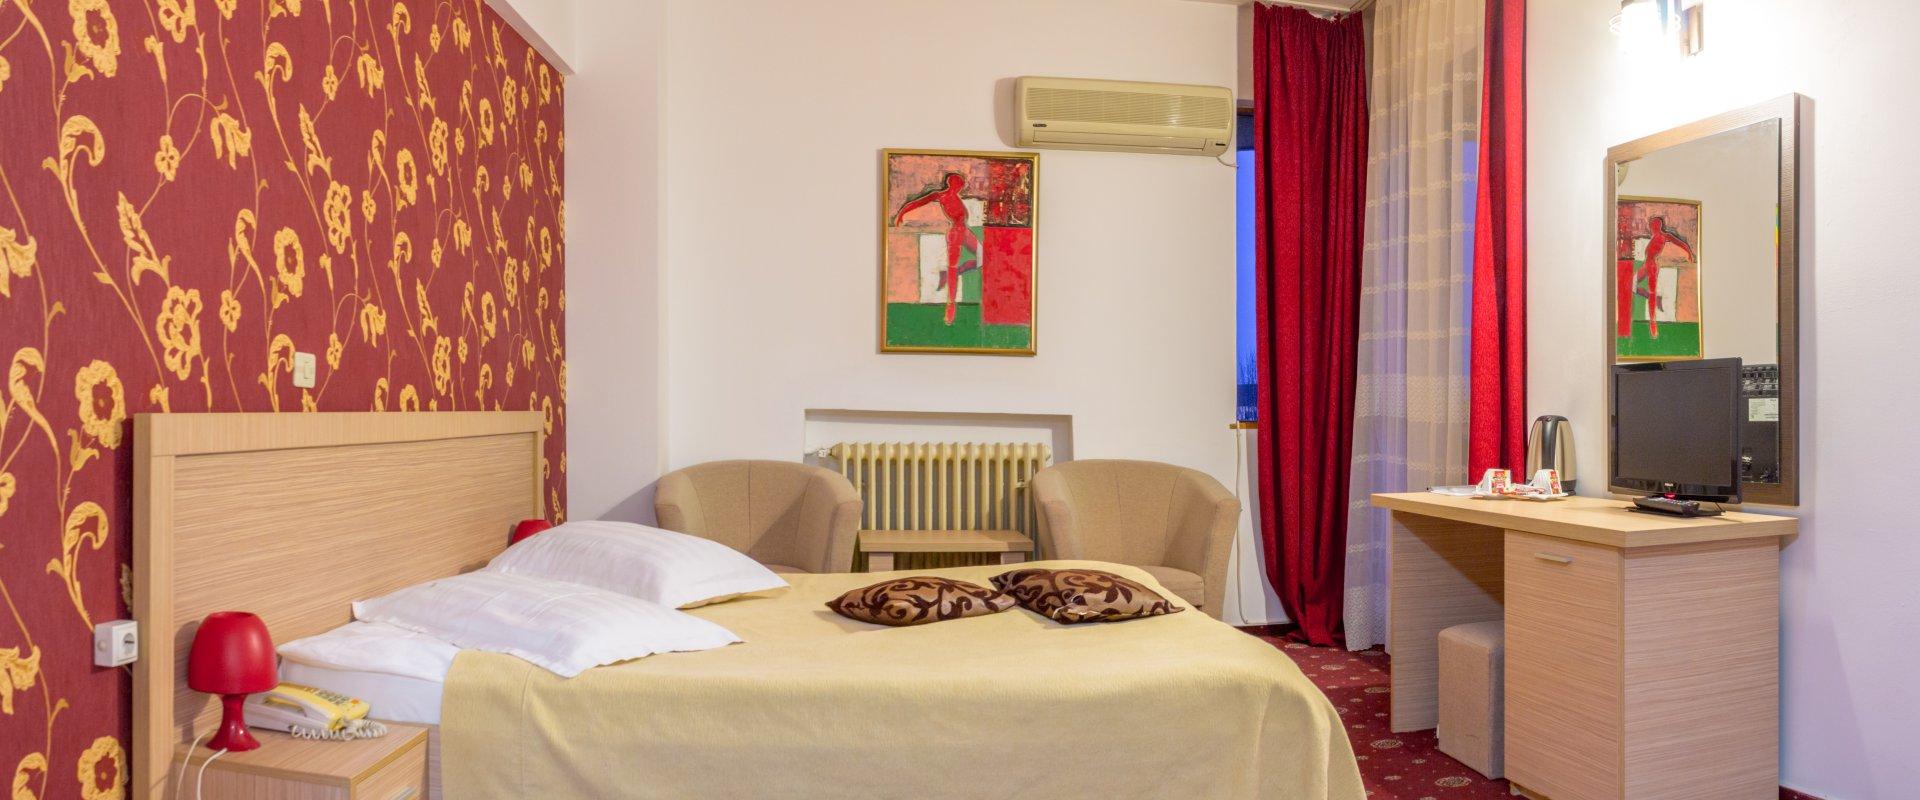 camera dubla matrimoniala double room